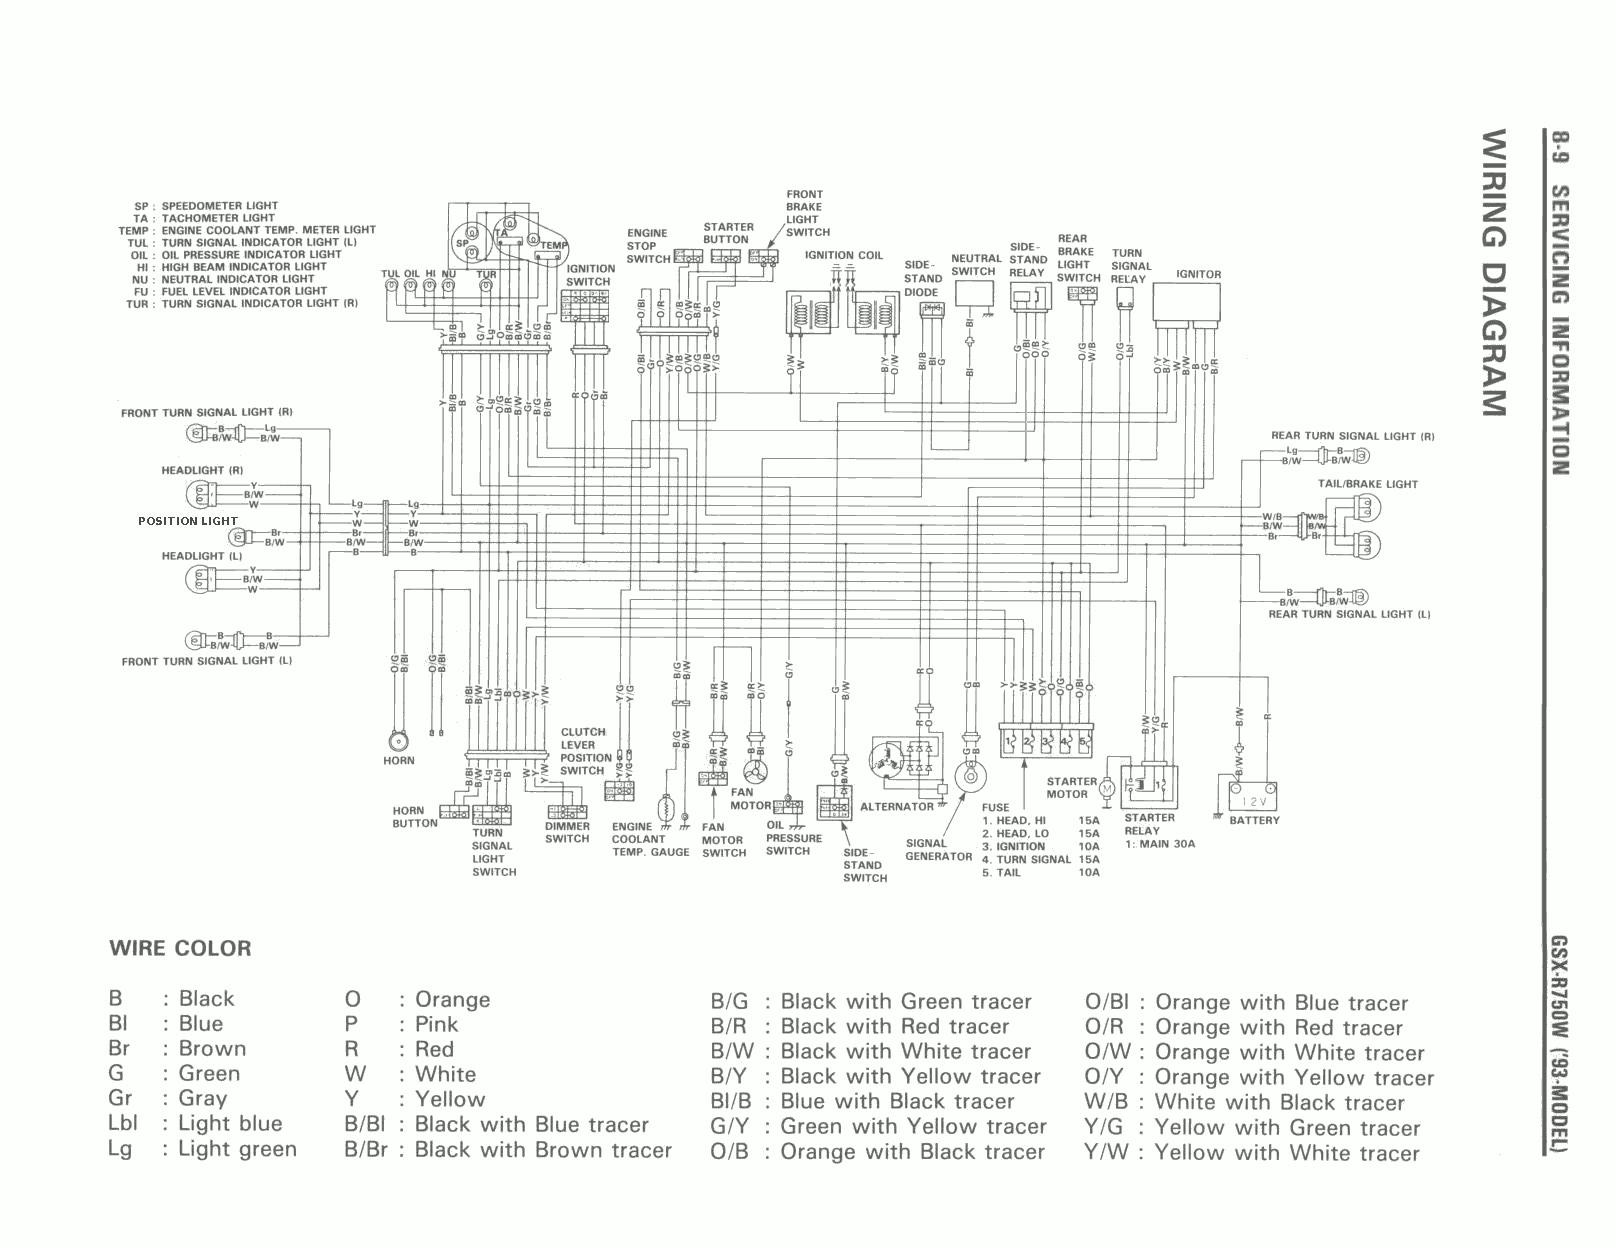 Terrific Suzuki Quadrunner 0 Wiring Diagram Gallery - Best Image ...